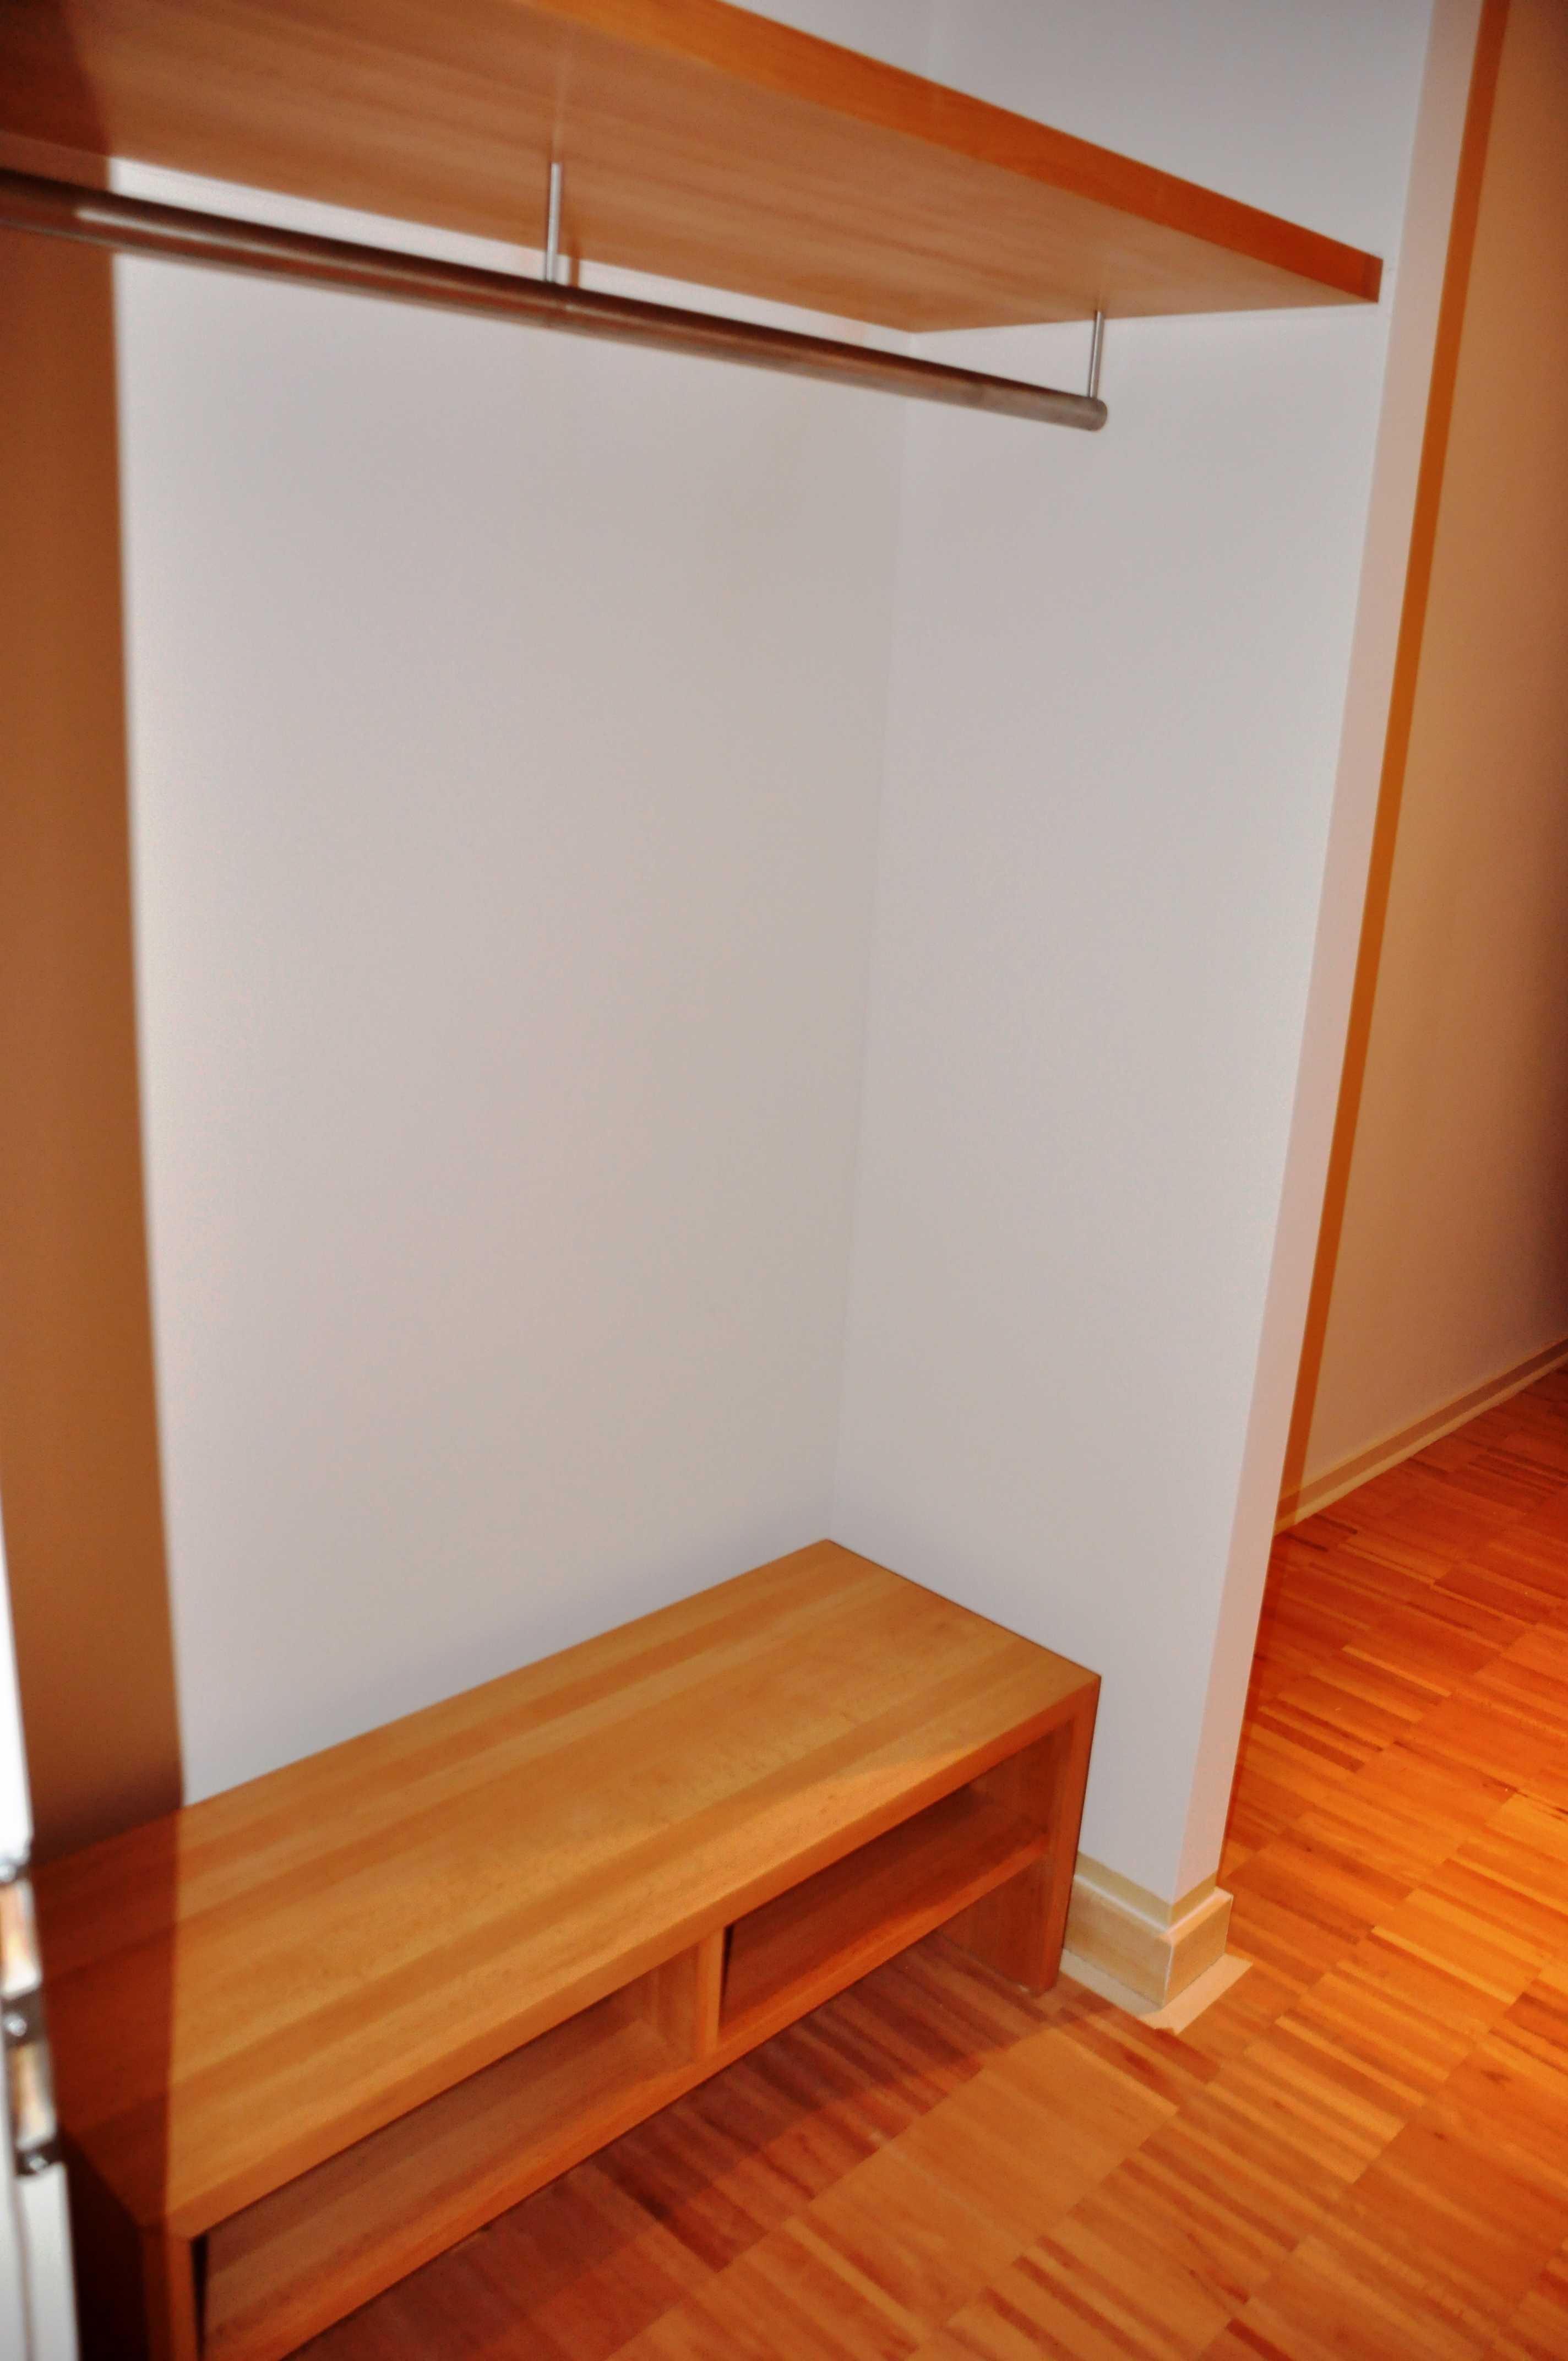 Projekt Einbauschrank und Garderobe (3)